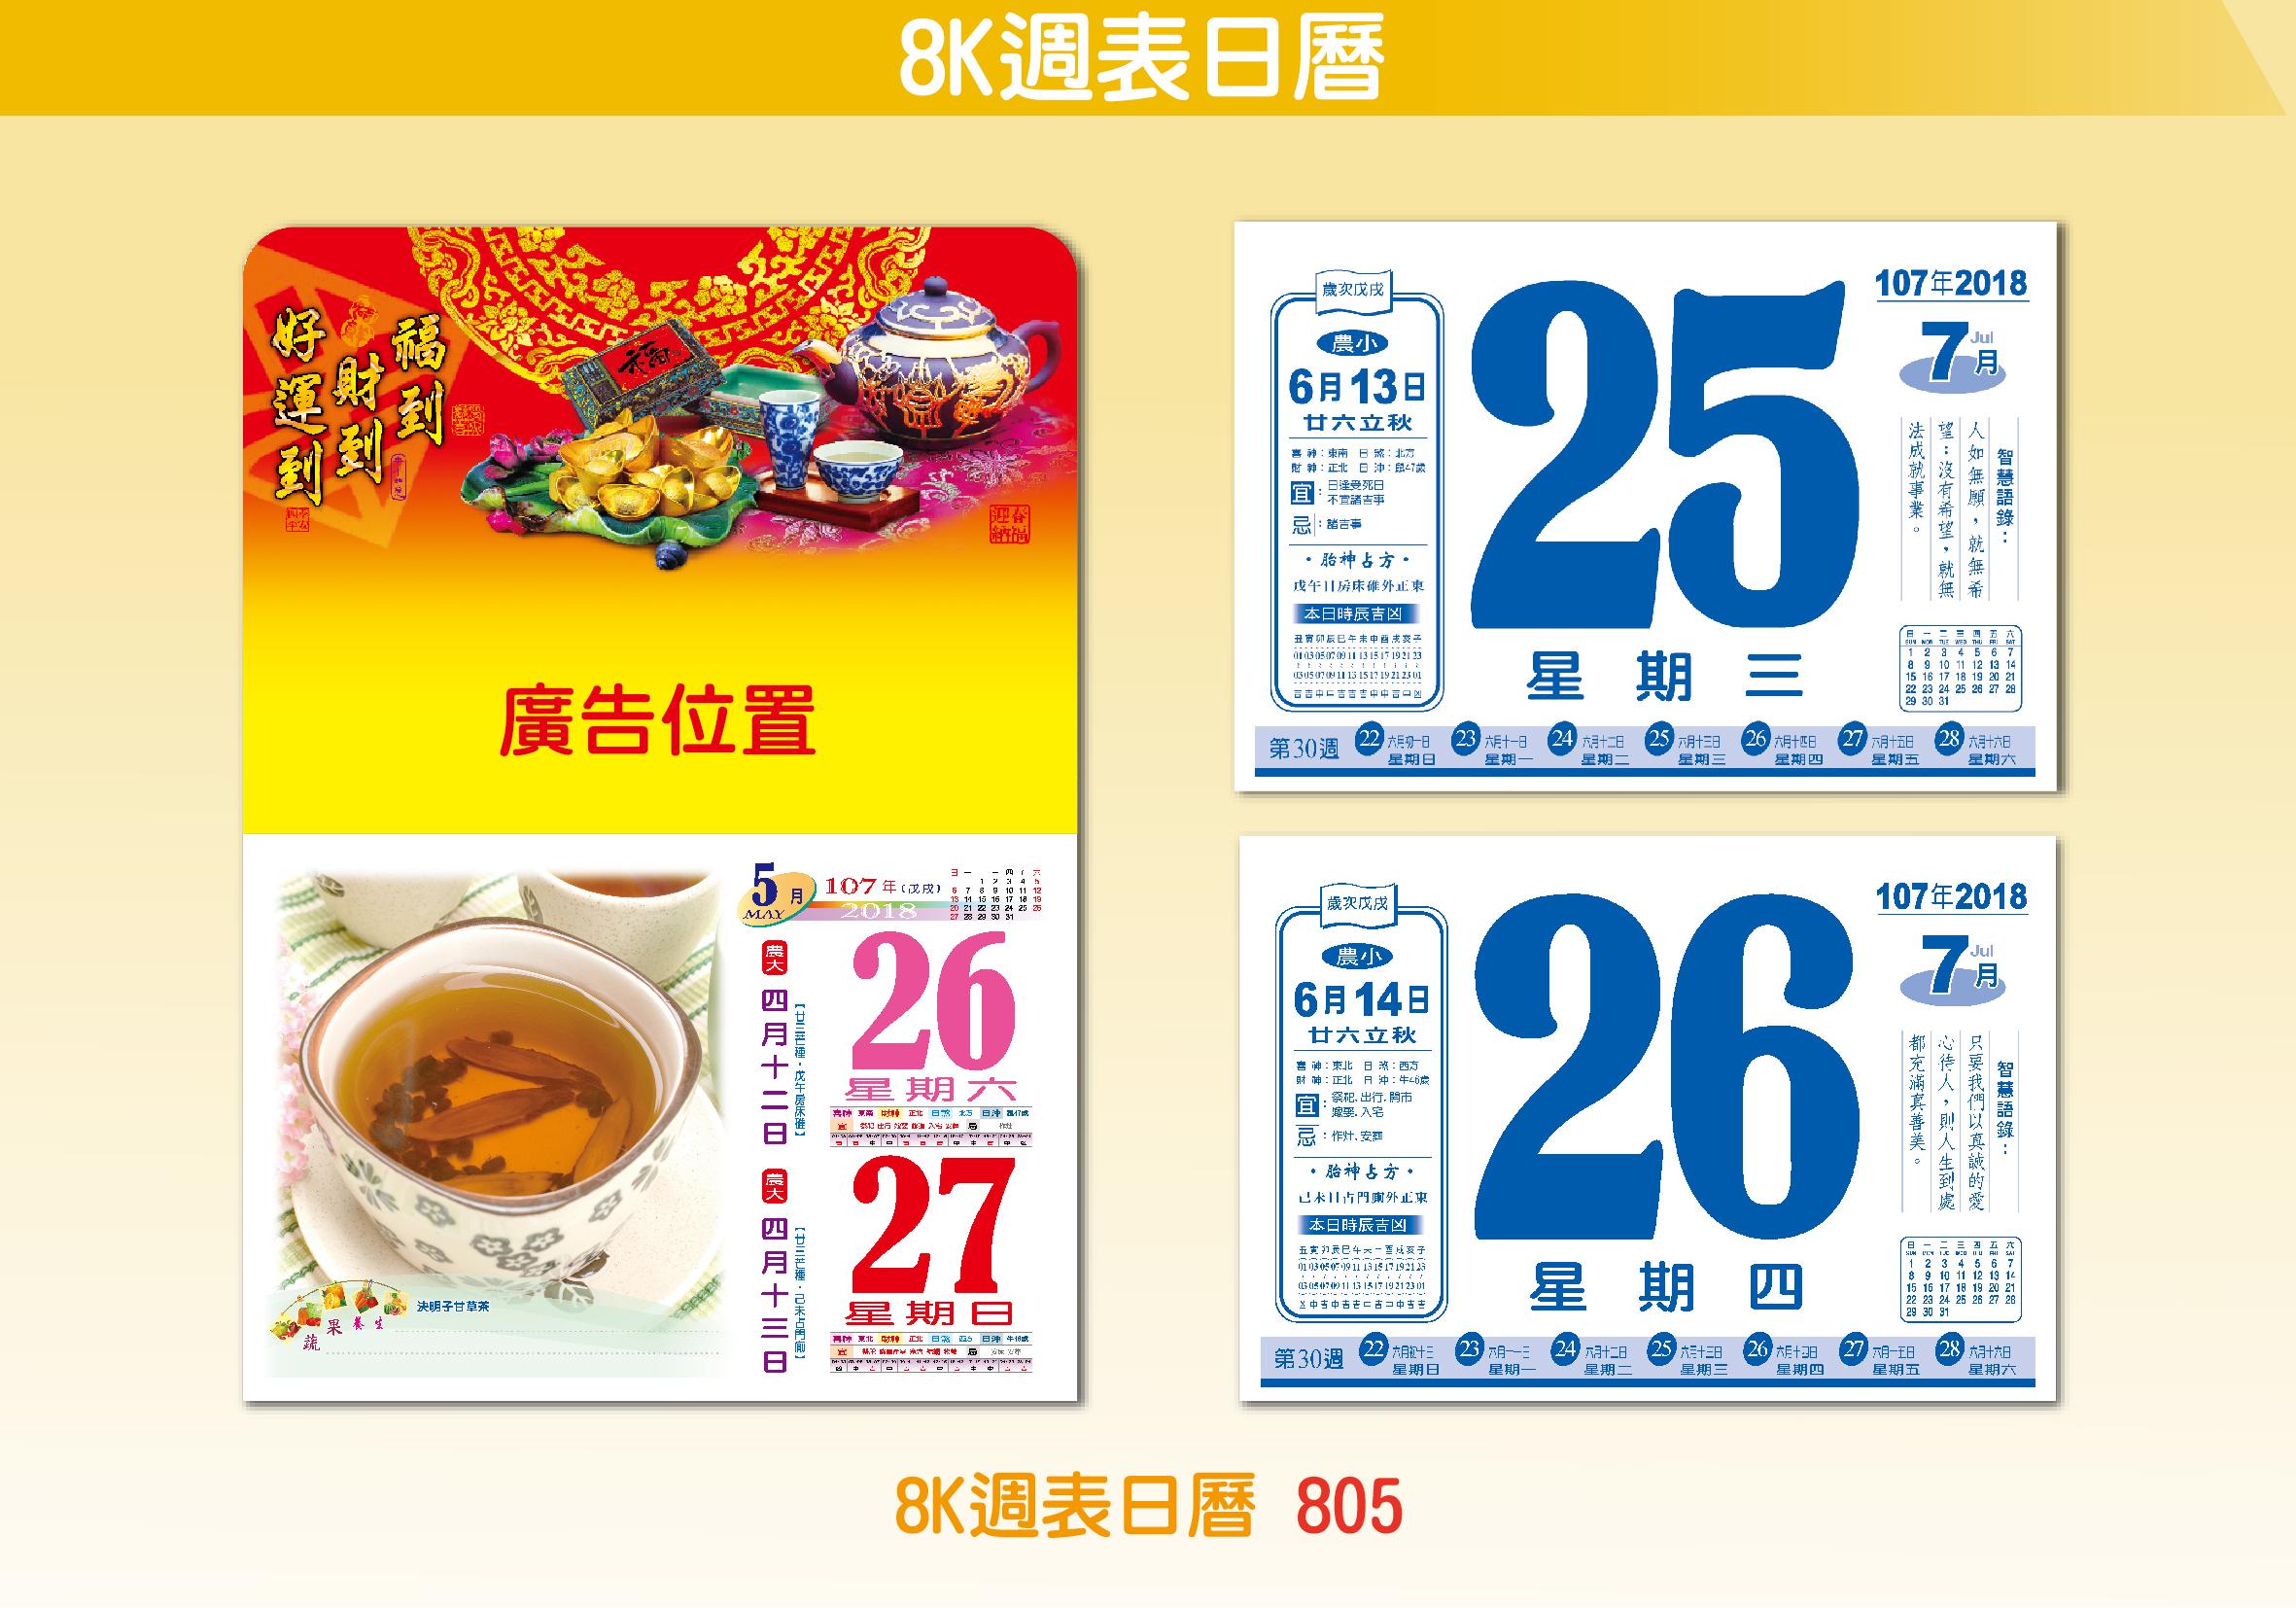 8K週表日曆-805